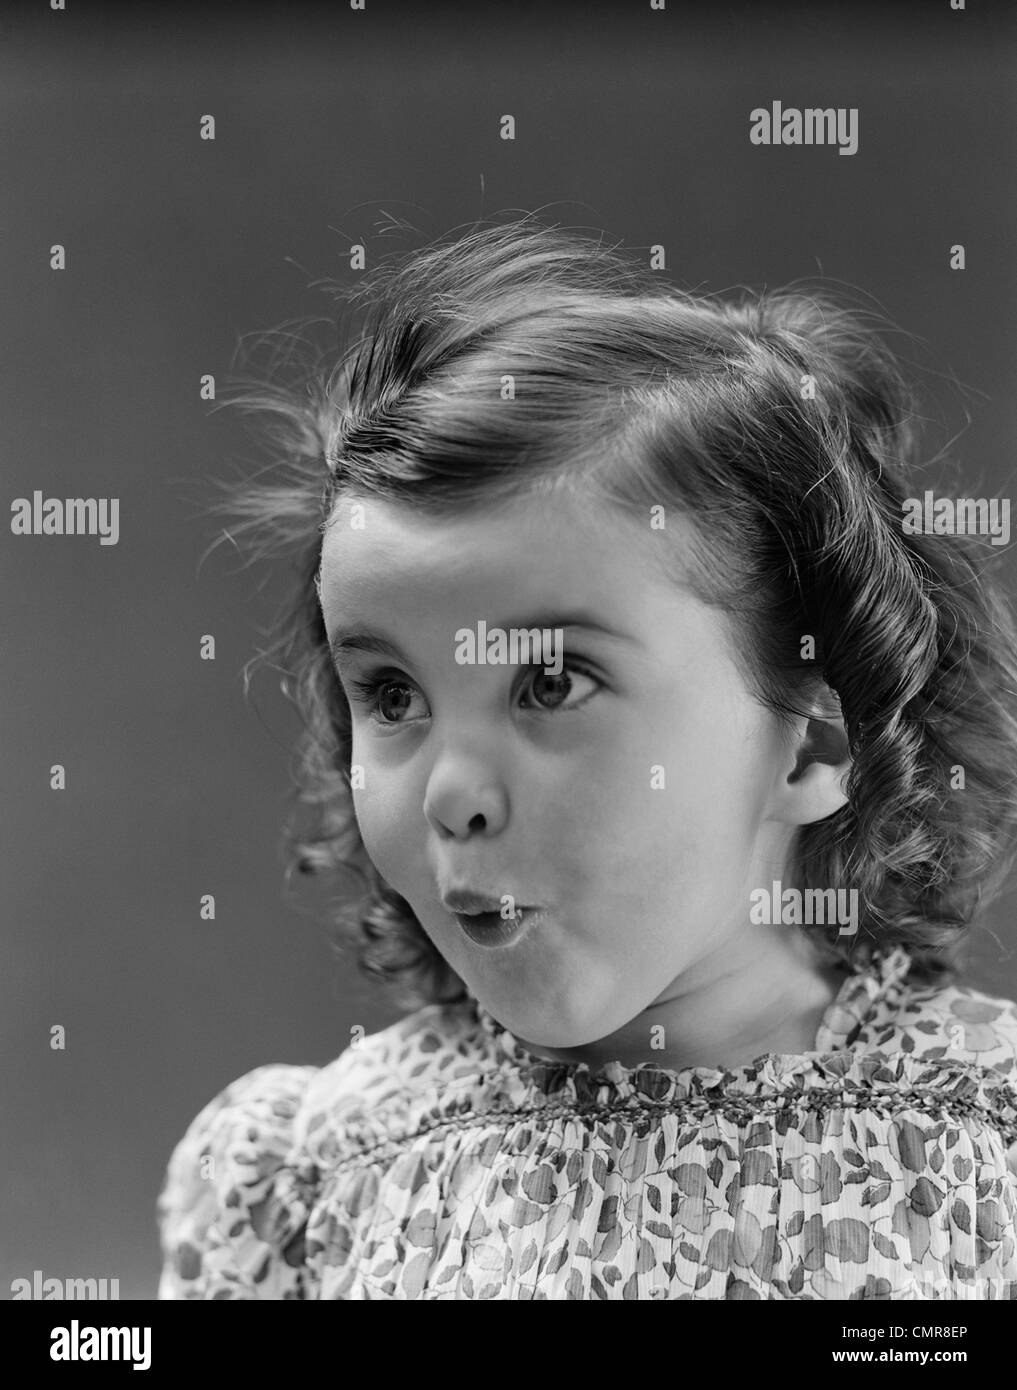 1930s ritratto BRUNETTE BAMBINA con sorpresa stupita espressione facciale Immagini Stock